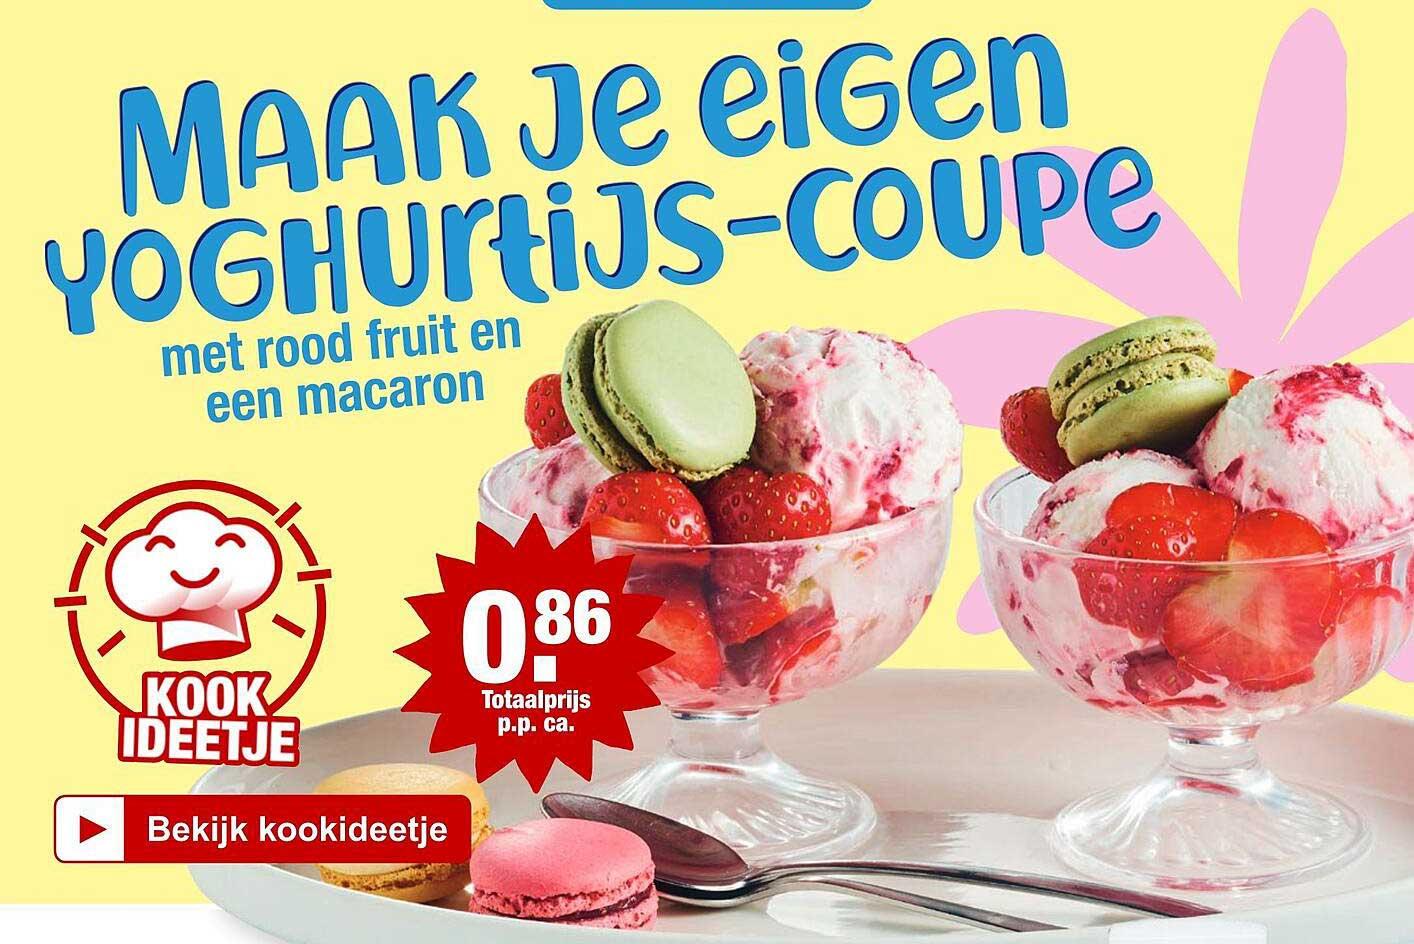 ALDI Maak Je Eigen Yoghurtijs-Coupe